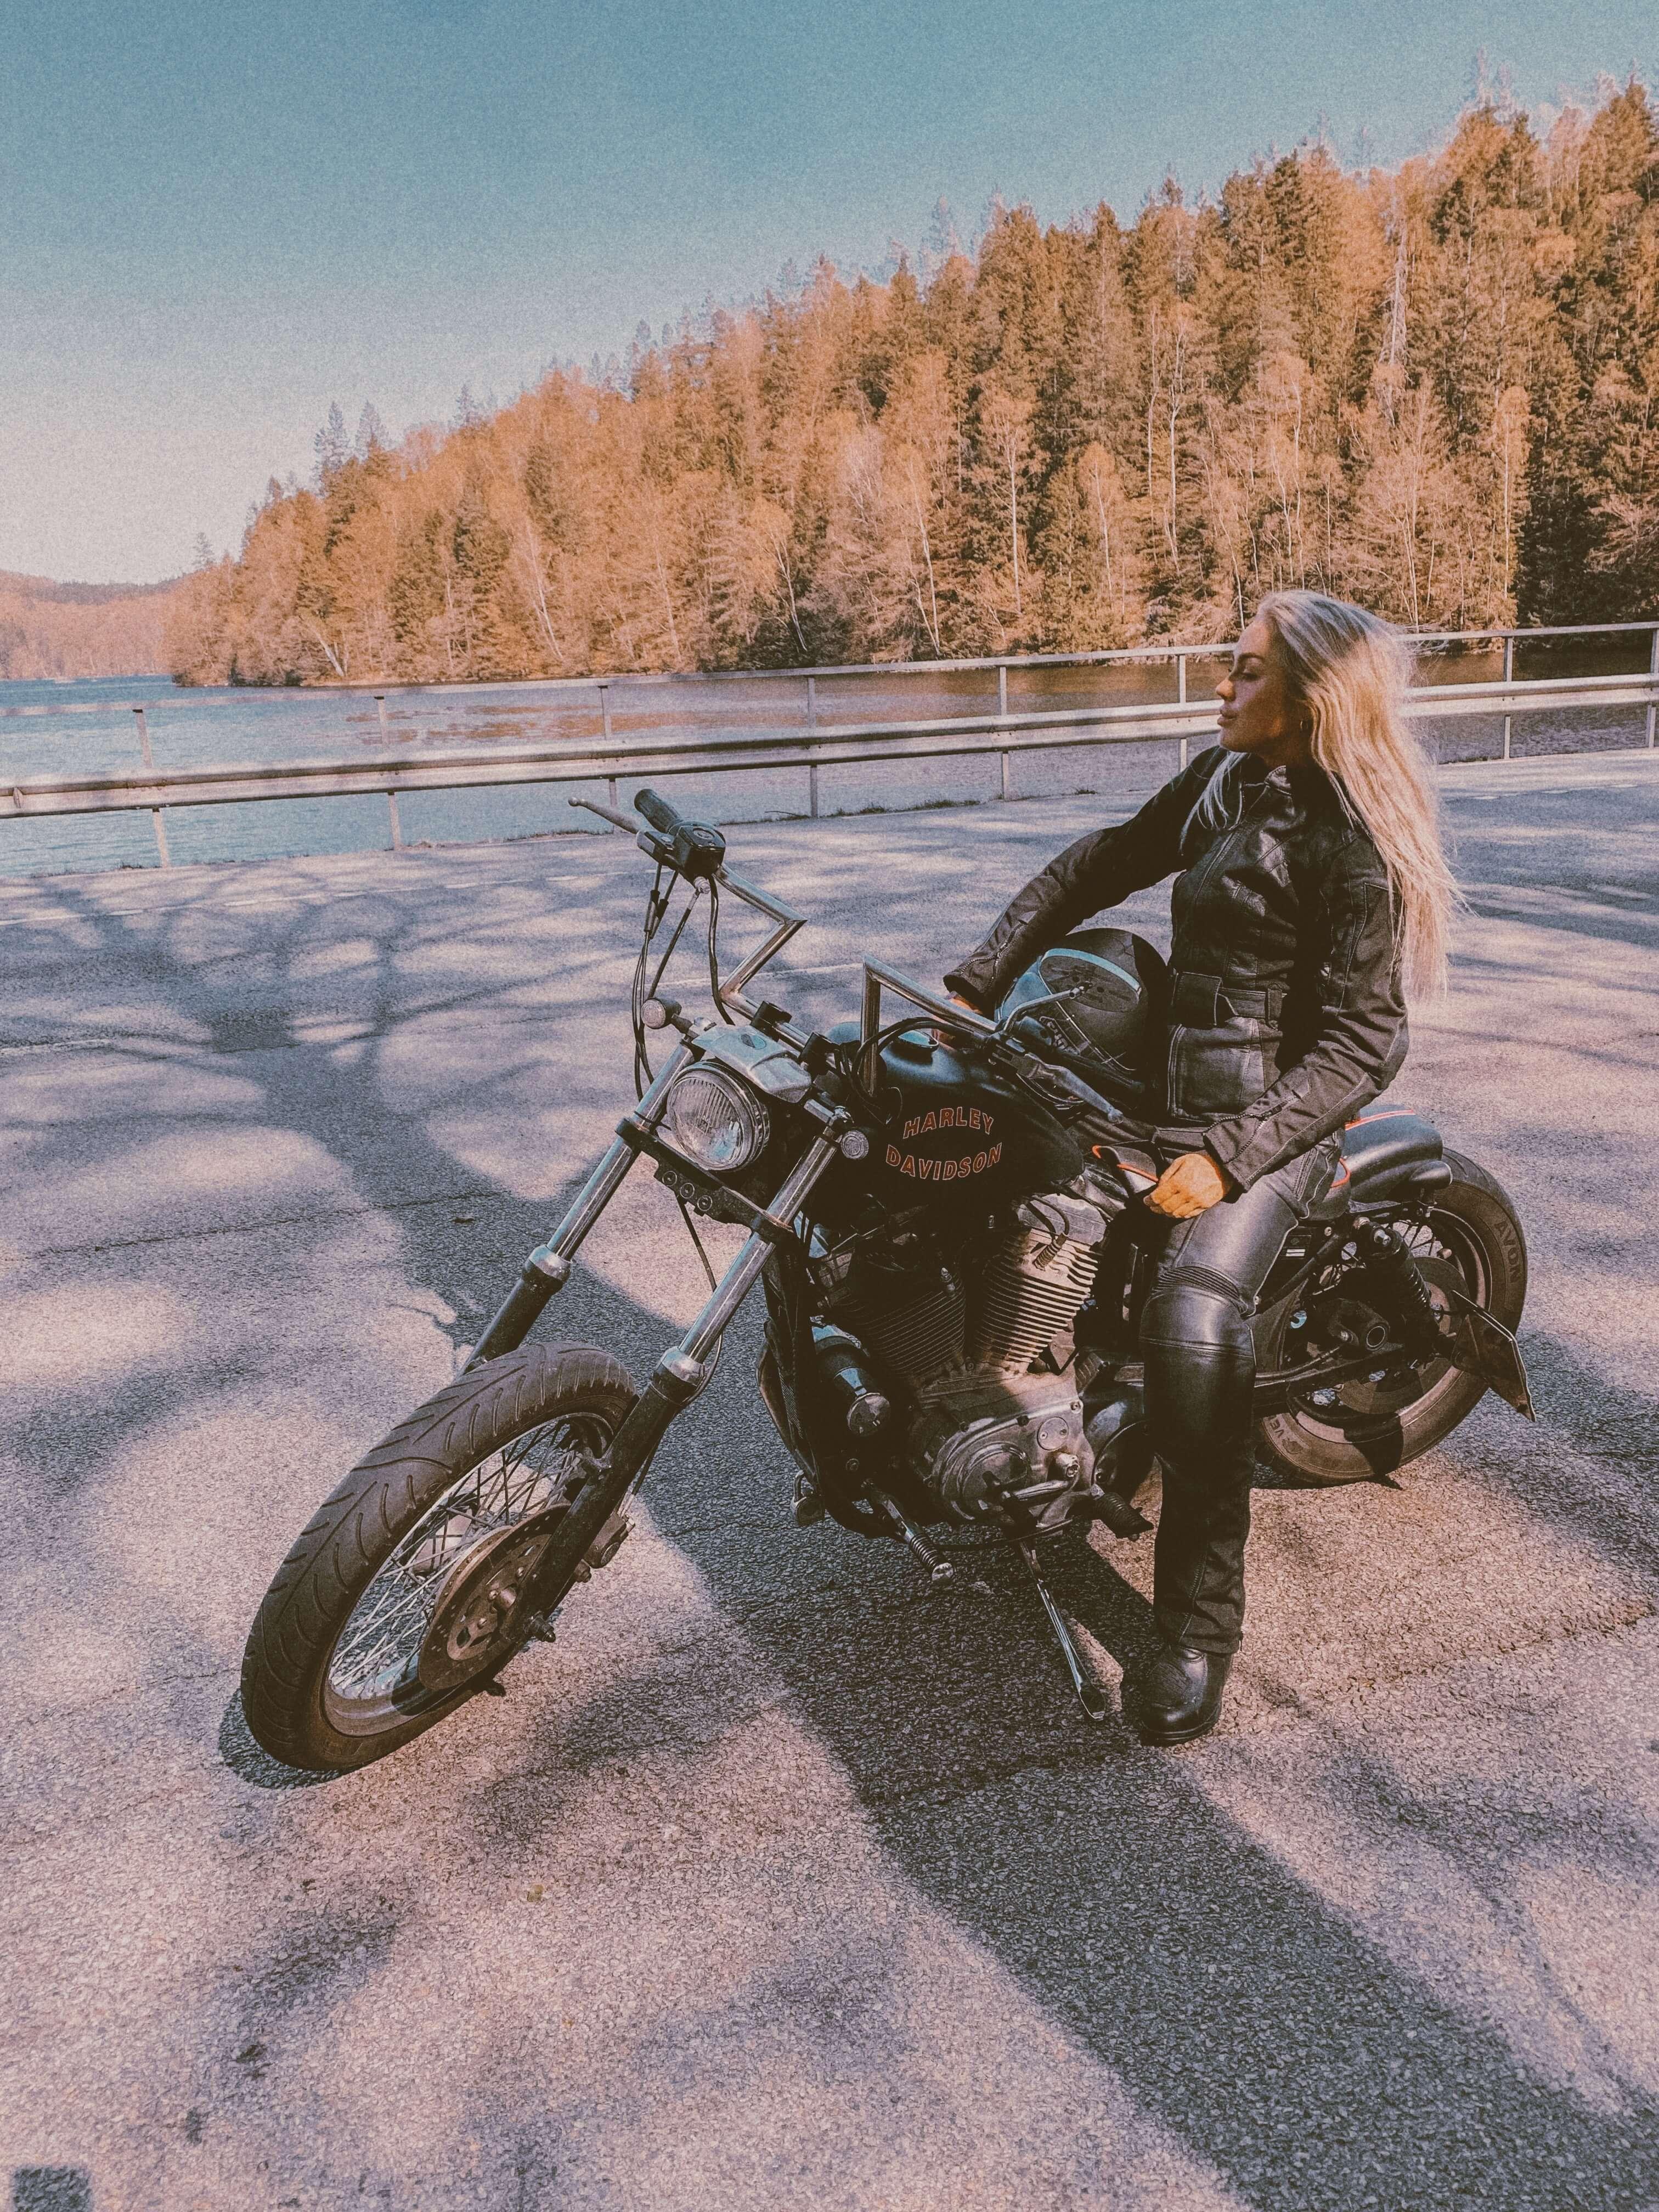 Angelica blick motorcykel